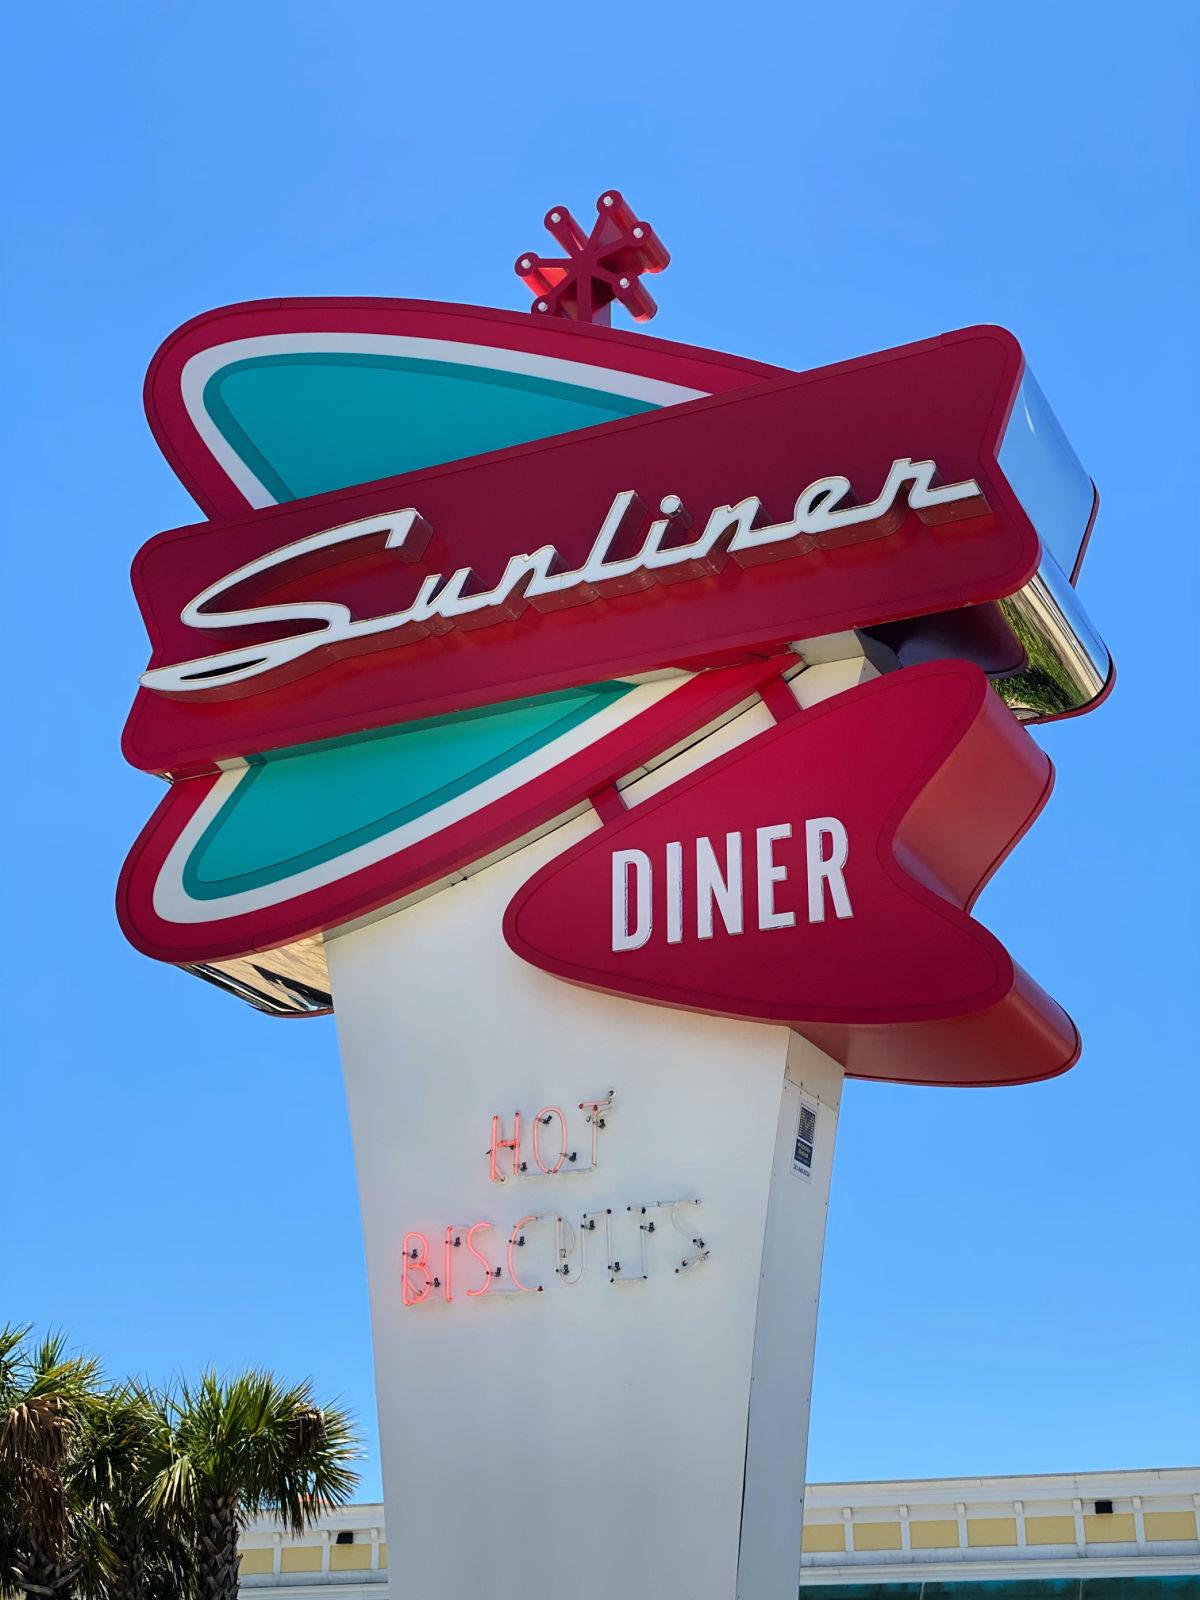 The Sunliner Diner sign.